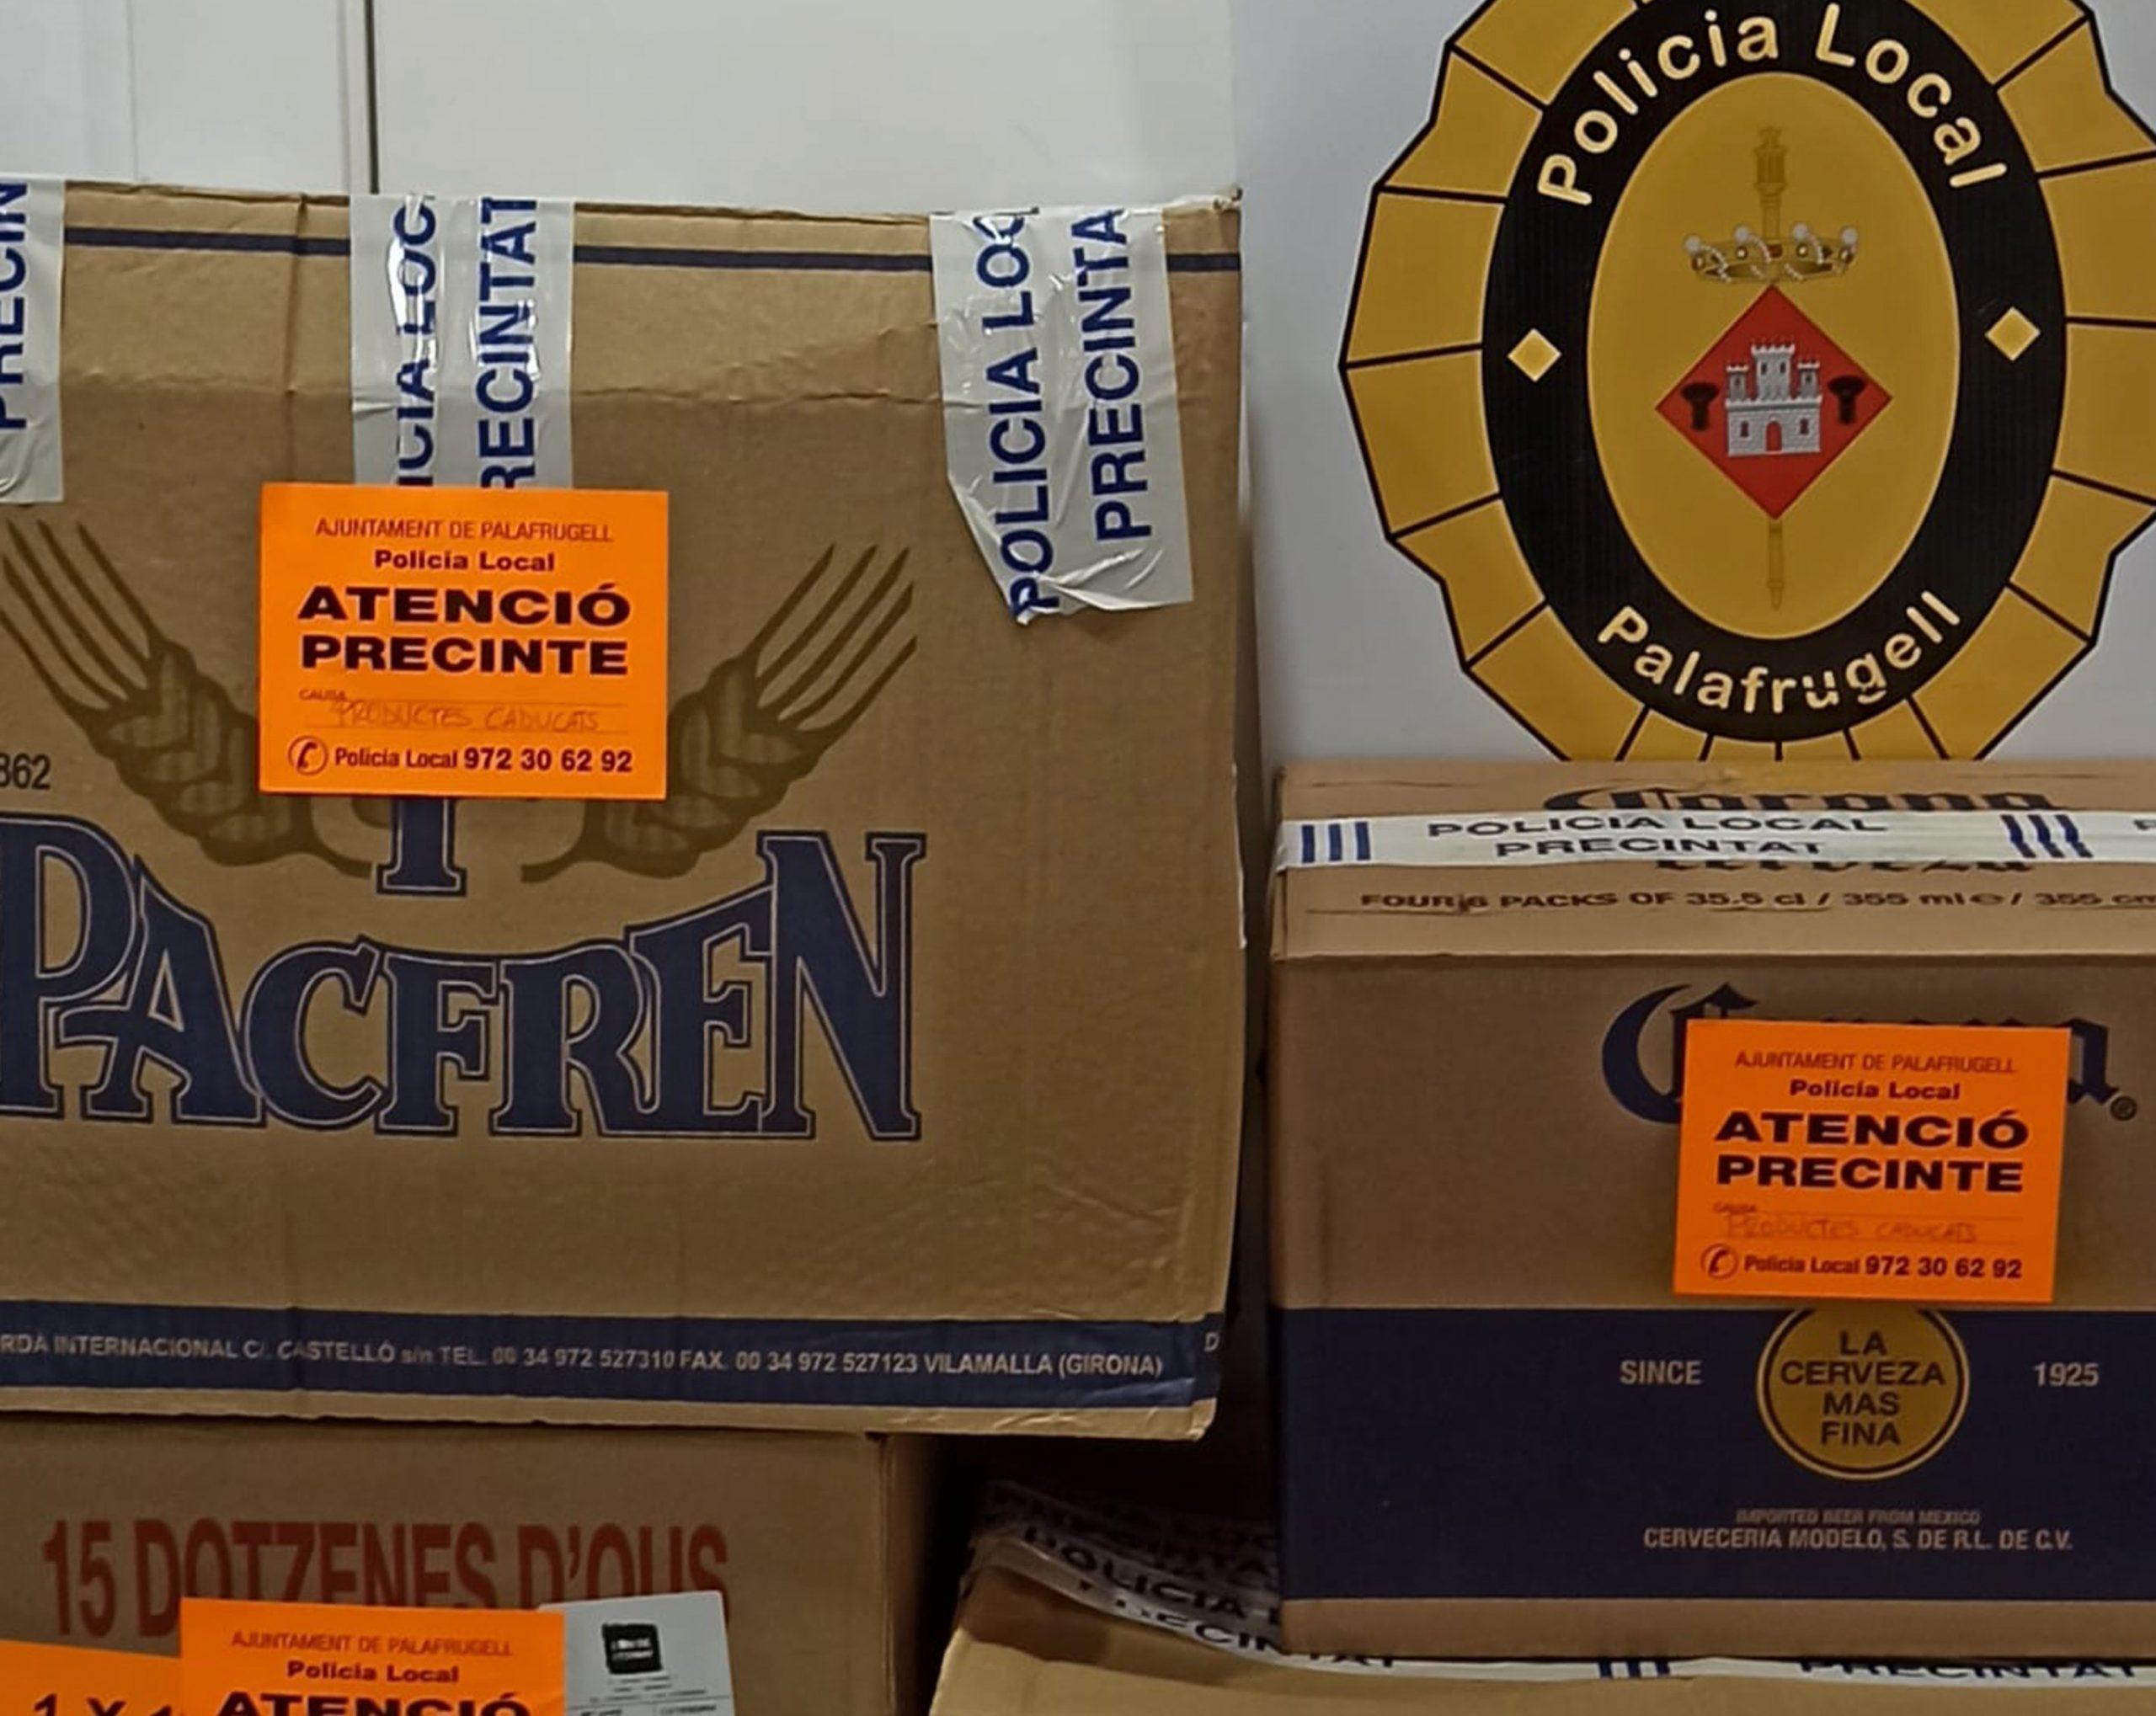 Les caixes amb productes caducats que es venien en dos supermercats de Palafrugell que ha intervingut la Policia Local | ACN